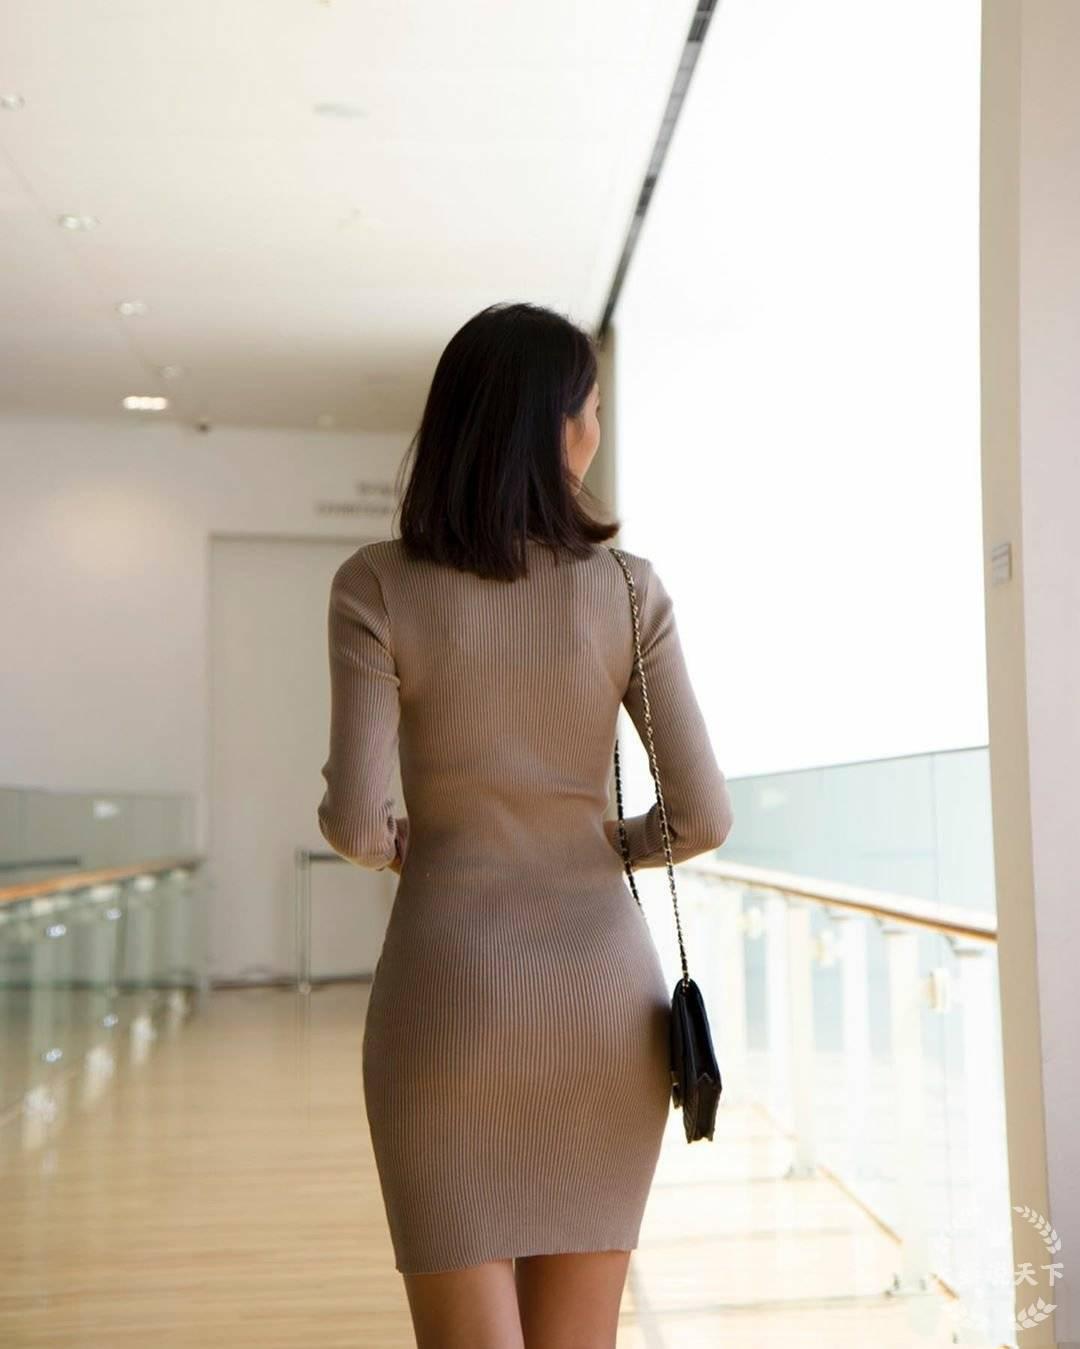 车模包臀裙呈现曼妙身材 (图9)